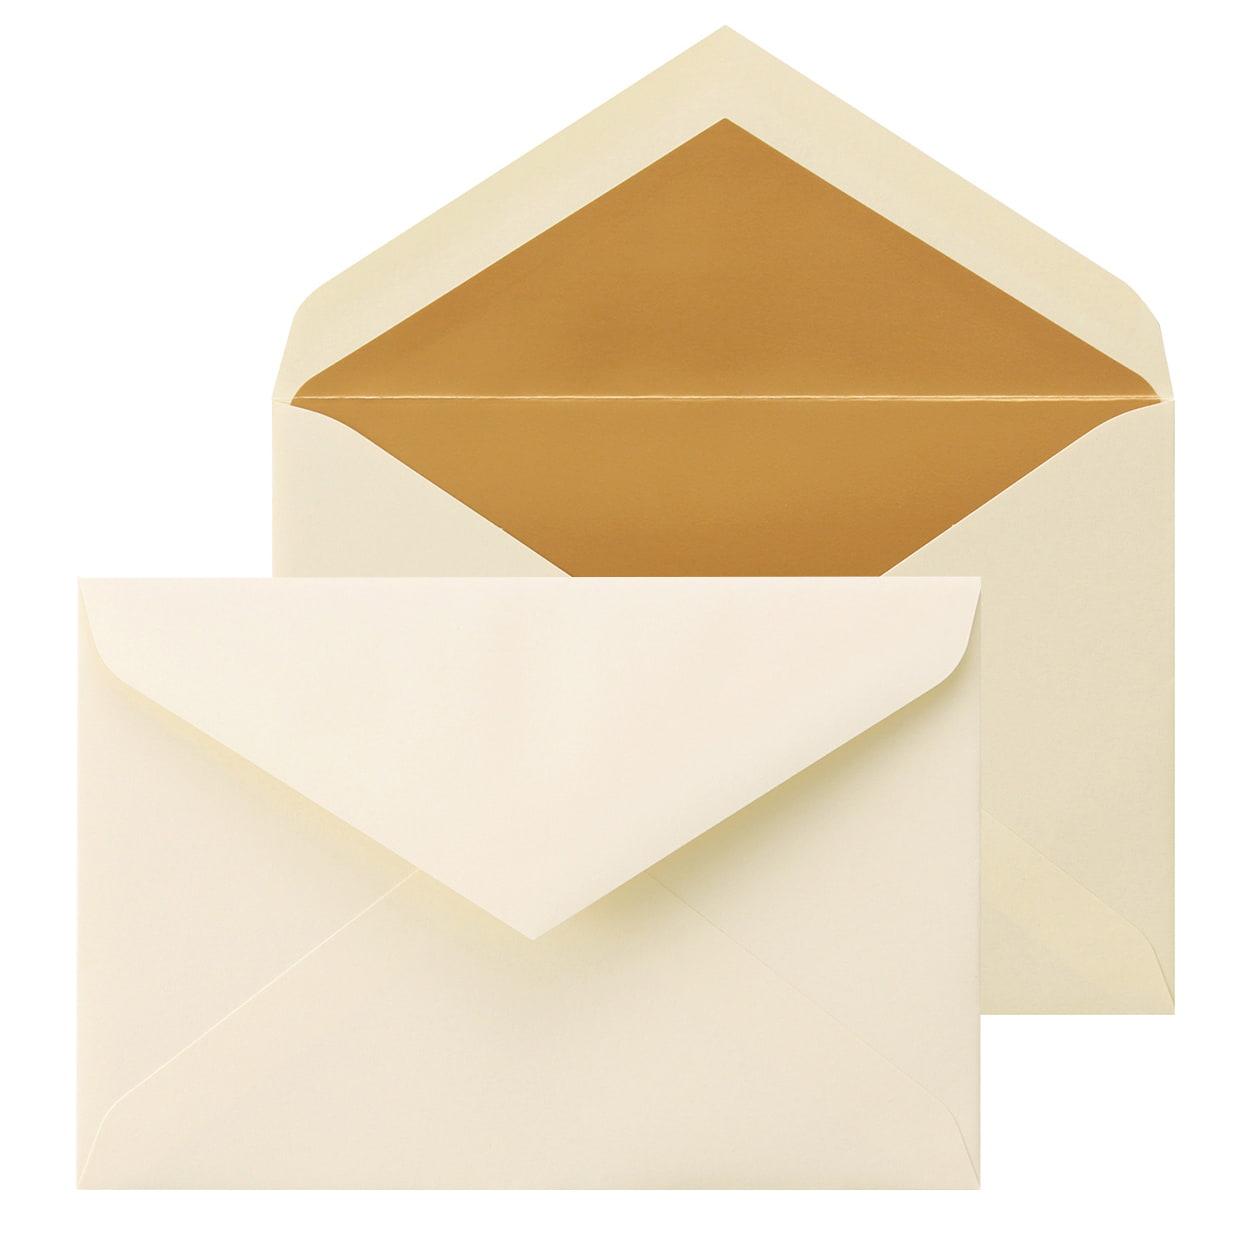 洋1ダイア二重封筒 コットン ナチュラル ゴールド 116.3g